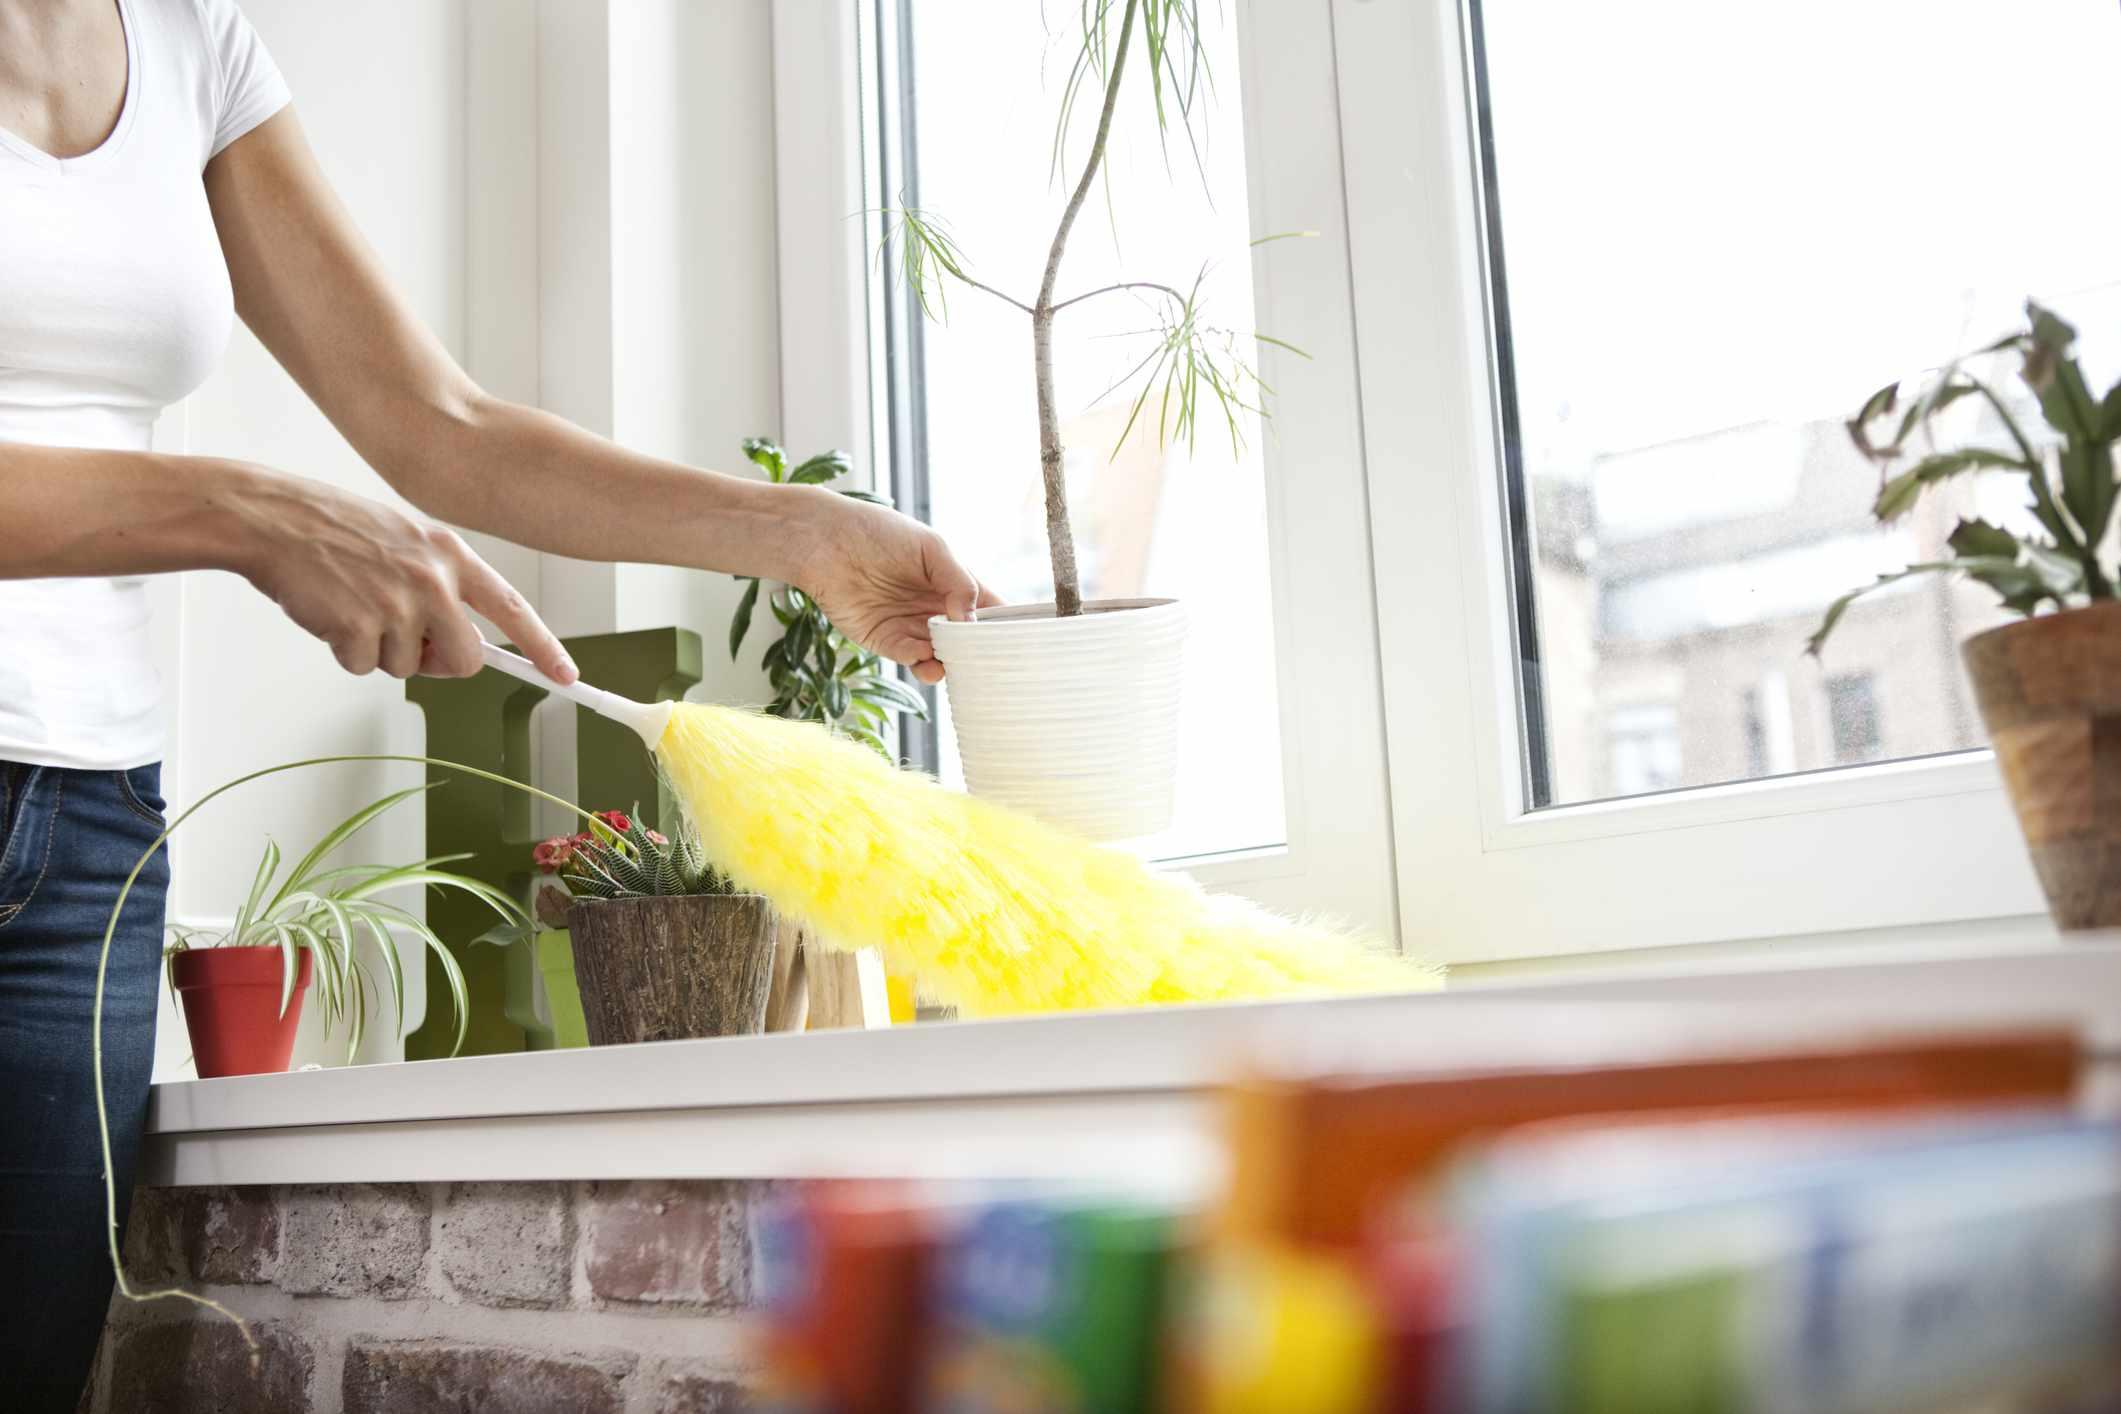 О каких местах мы забываем при уборке квартиры и чем это грозит здоровью?